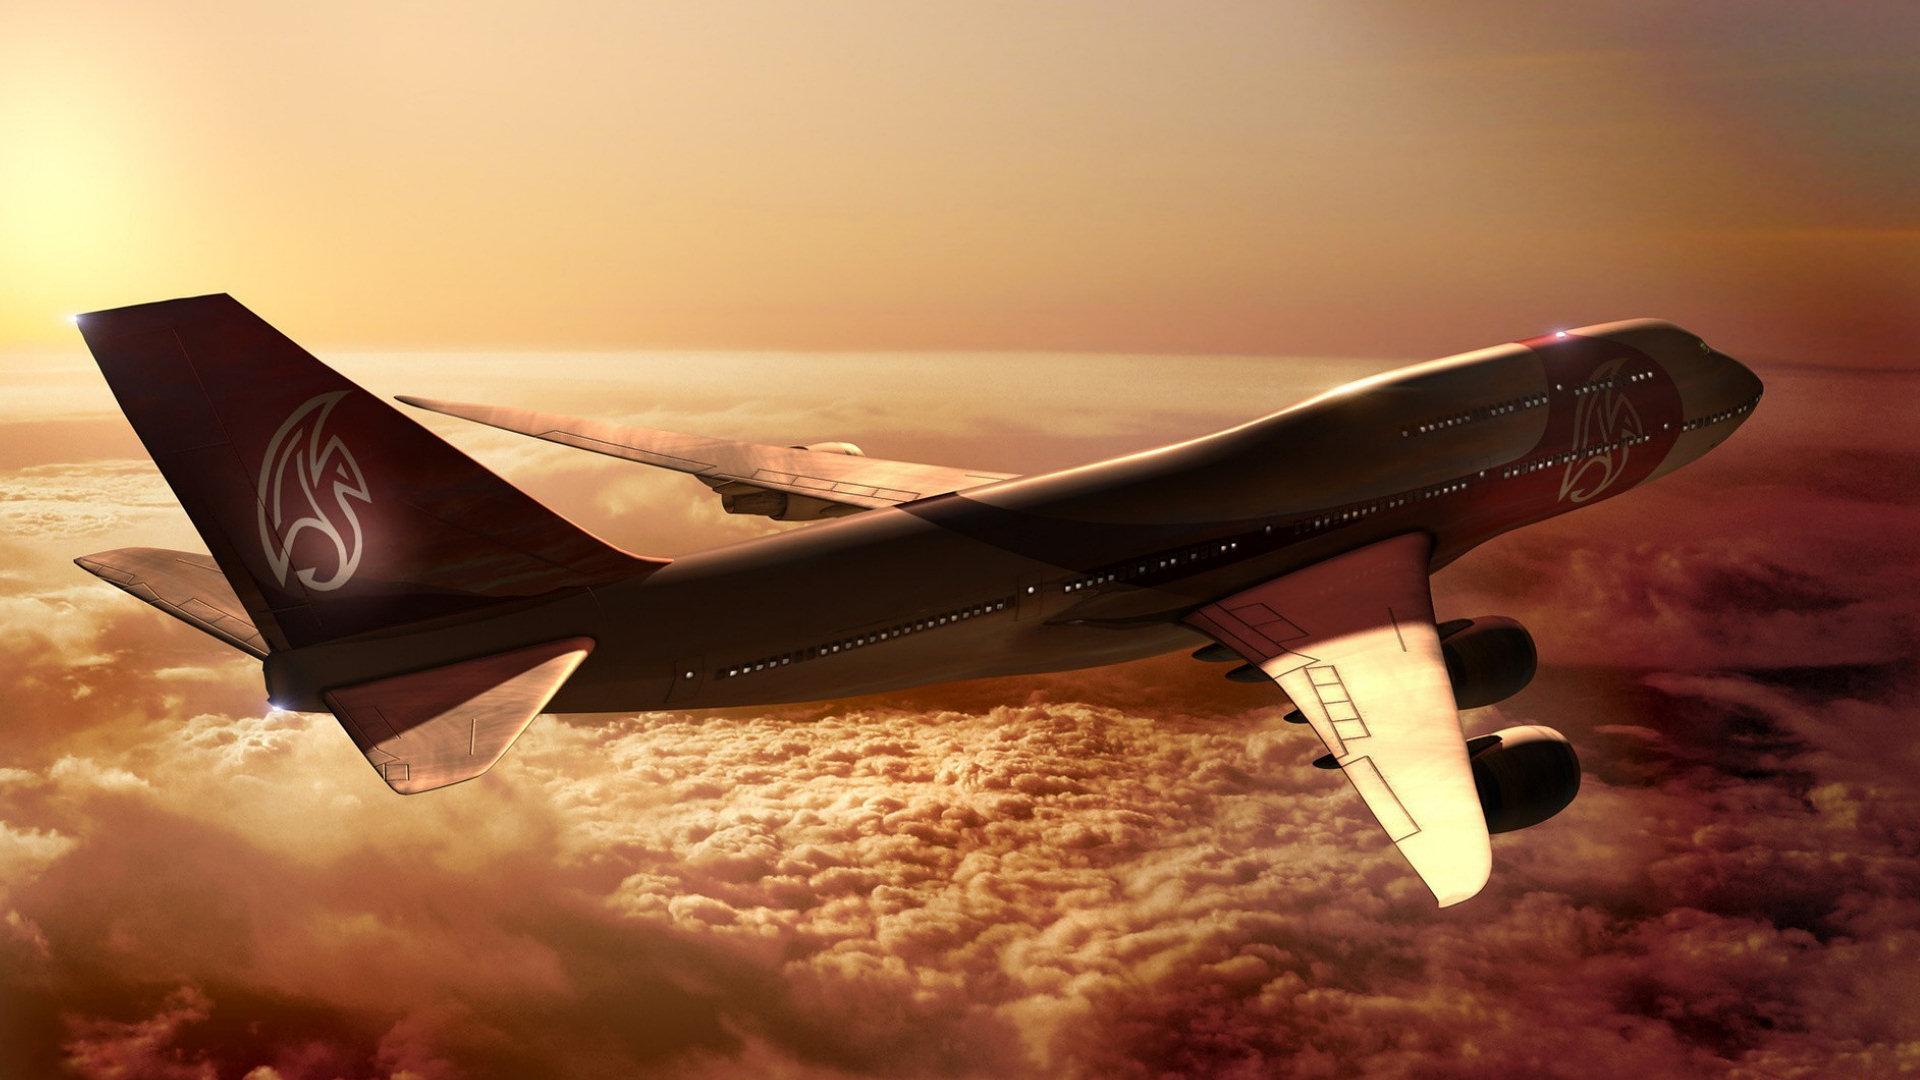 wallpaper girls flight blow - photo #15